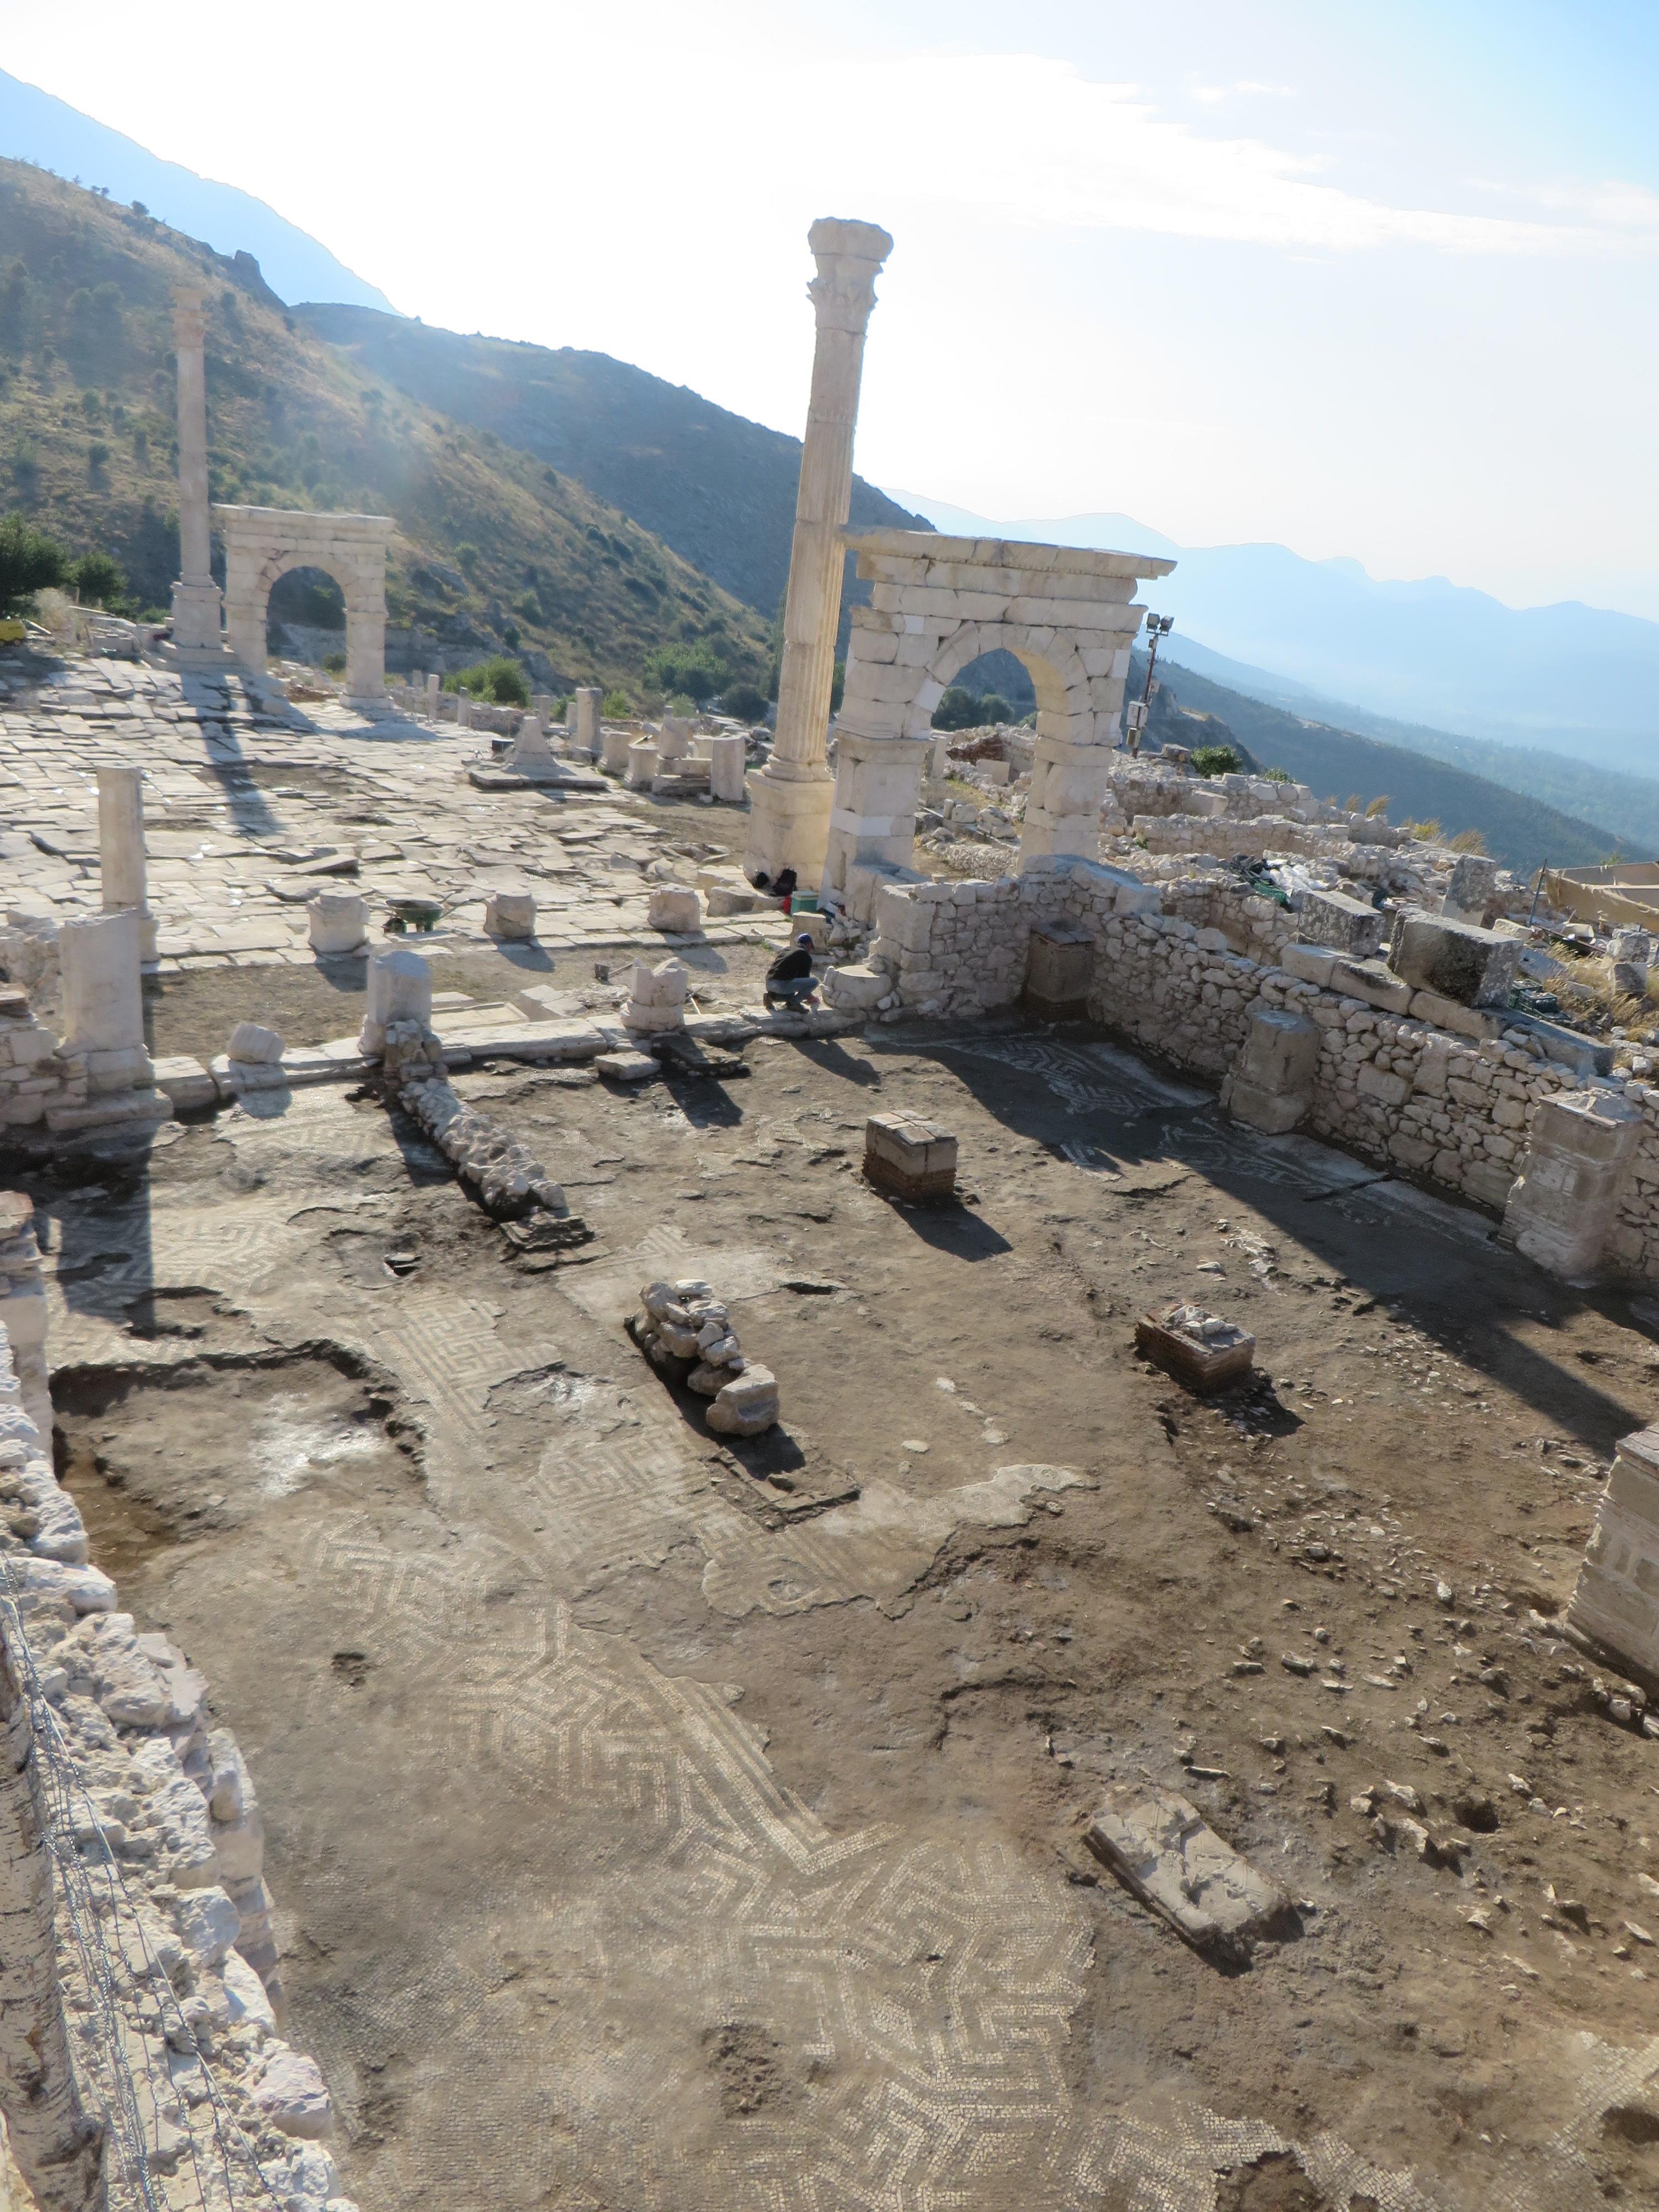 Yerel prytaneion'un kazısı yapılmış kalıntıları.